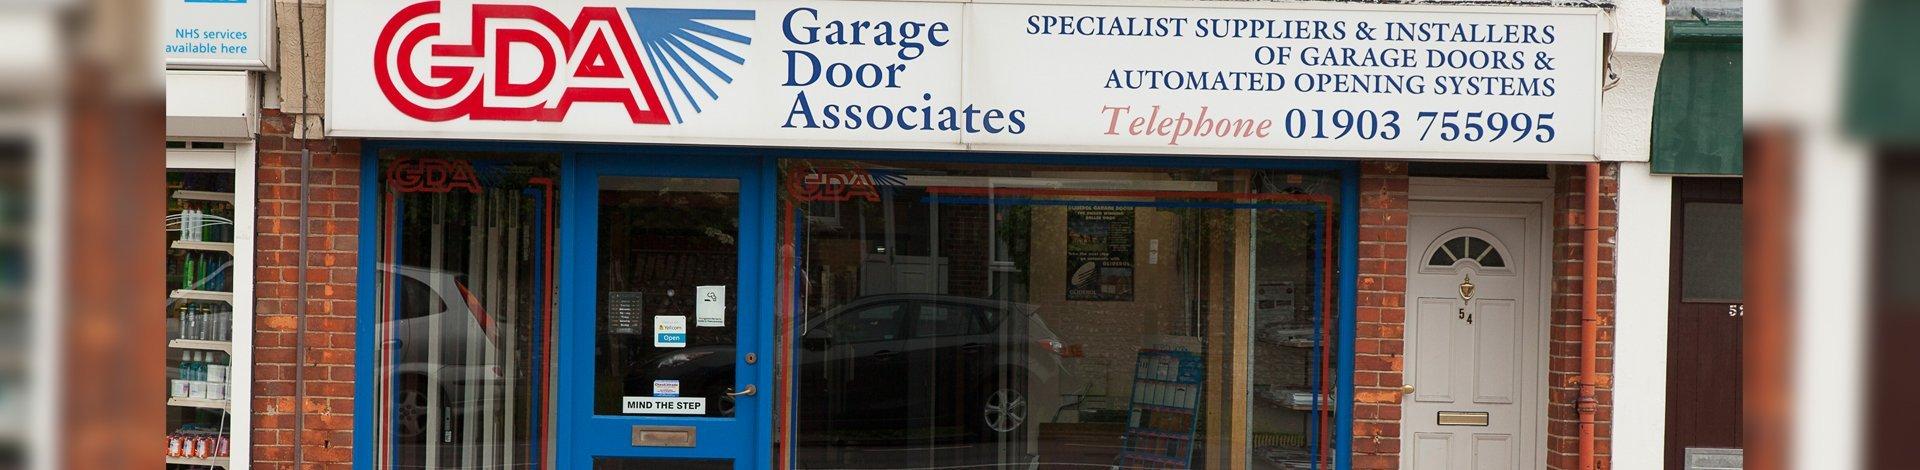 Garage Door Associates Garage Door Specialists In Lancing